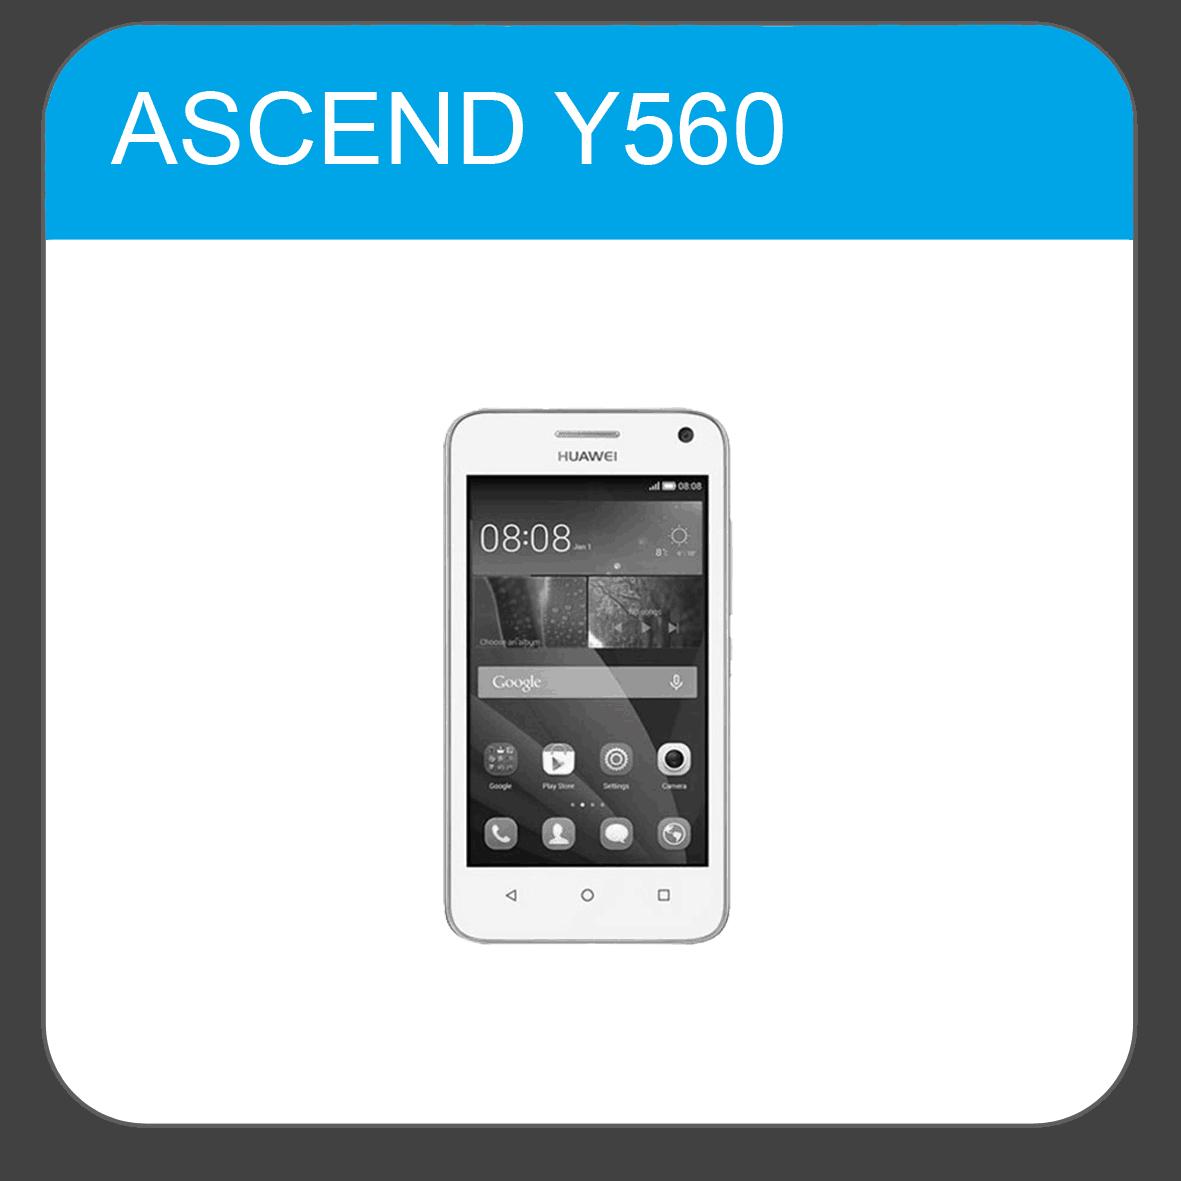 Huawei Ascend Y560